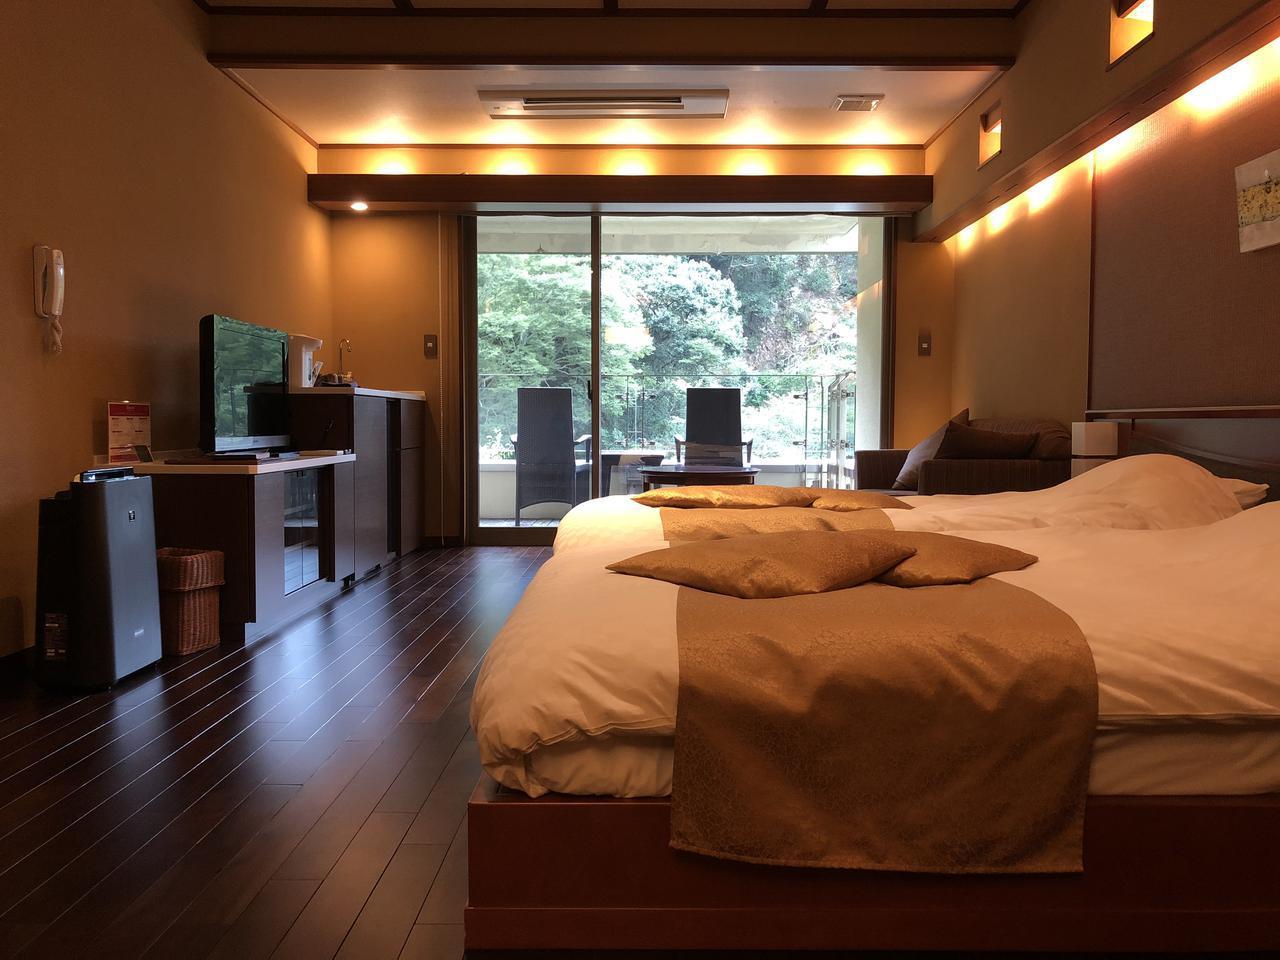 画像4: GoTo紅葉観光におすすめ!伊豆の温泉宿「清流荘」で週末女子旅♡